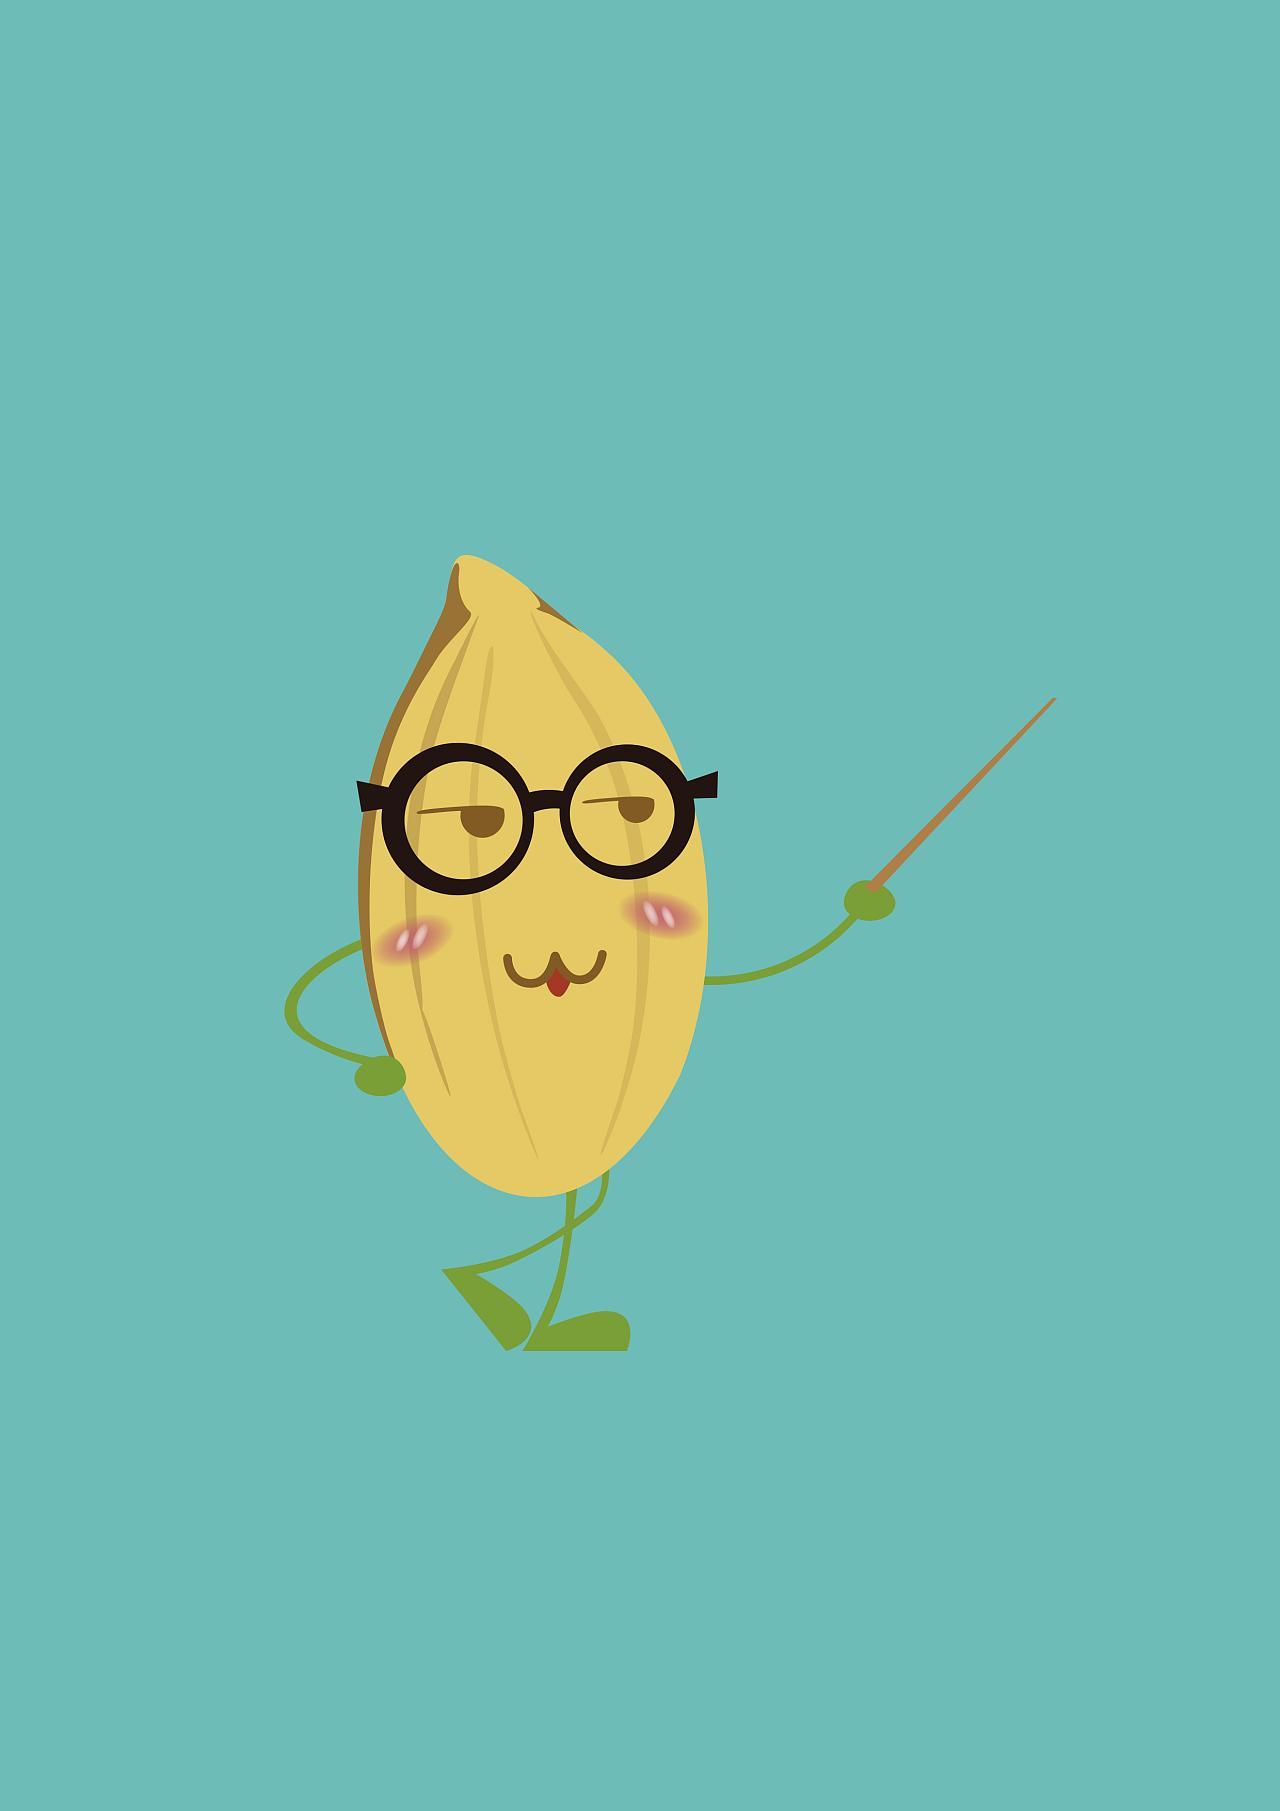 法国摩里摩里美肌液水稻卡通人物图片